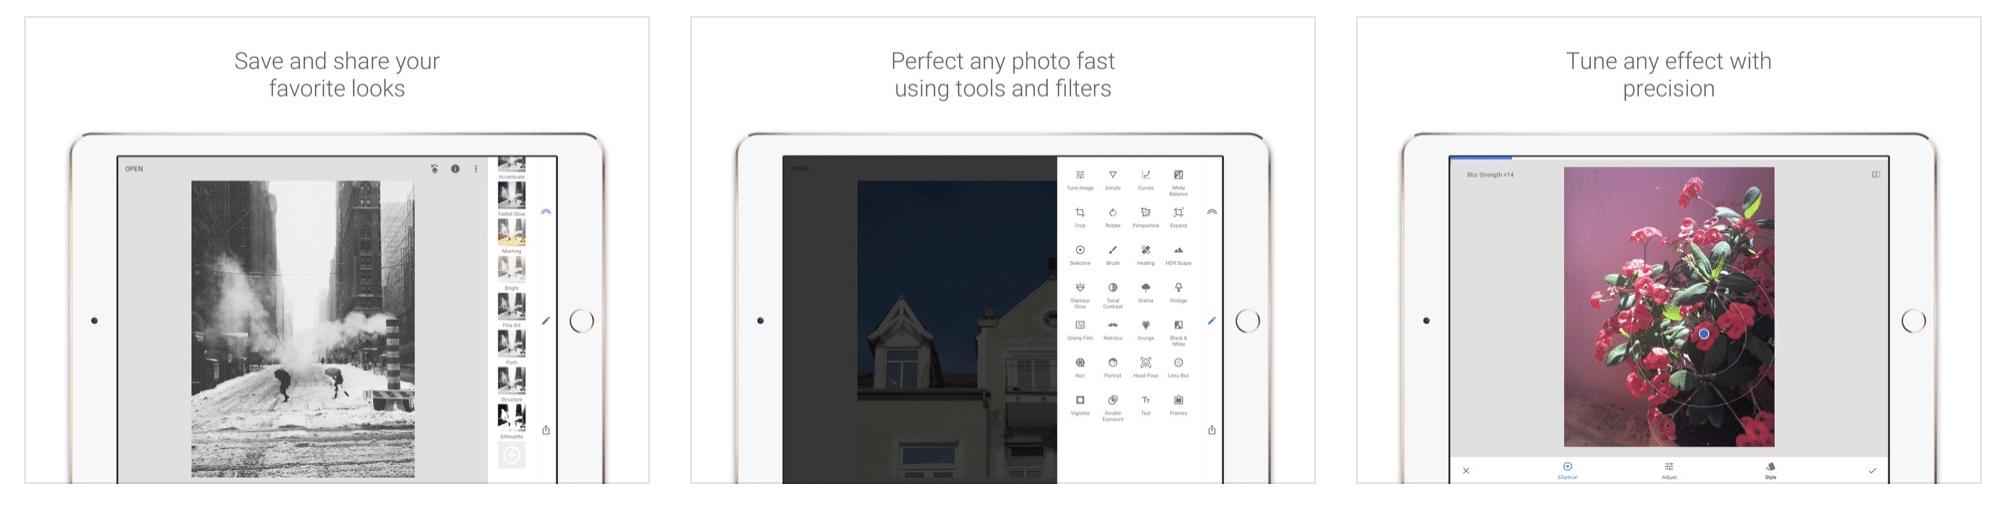 Snapseed, app de edición de fotos de archivos JPG y RAW